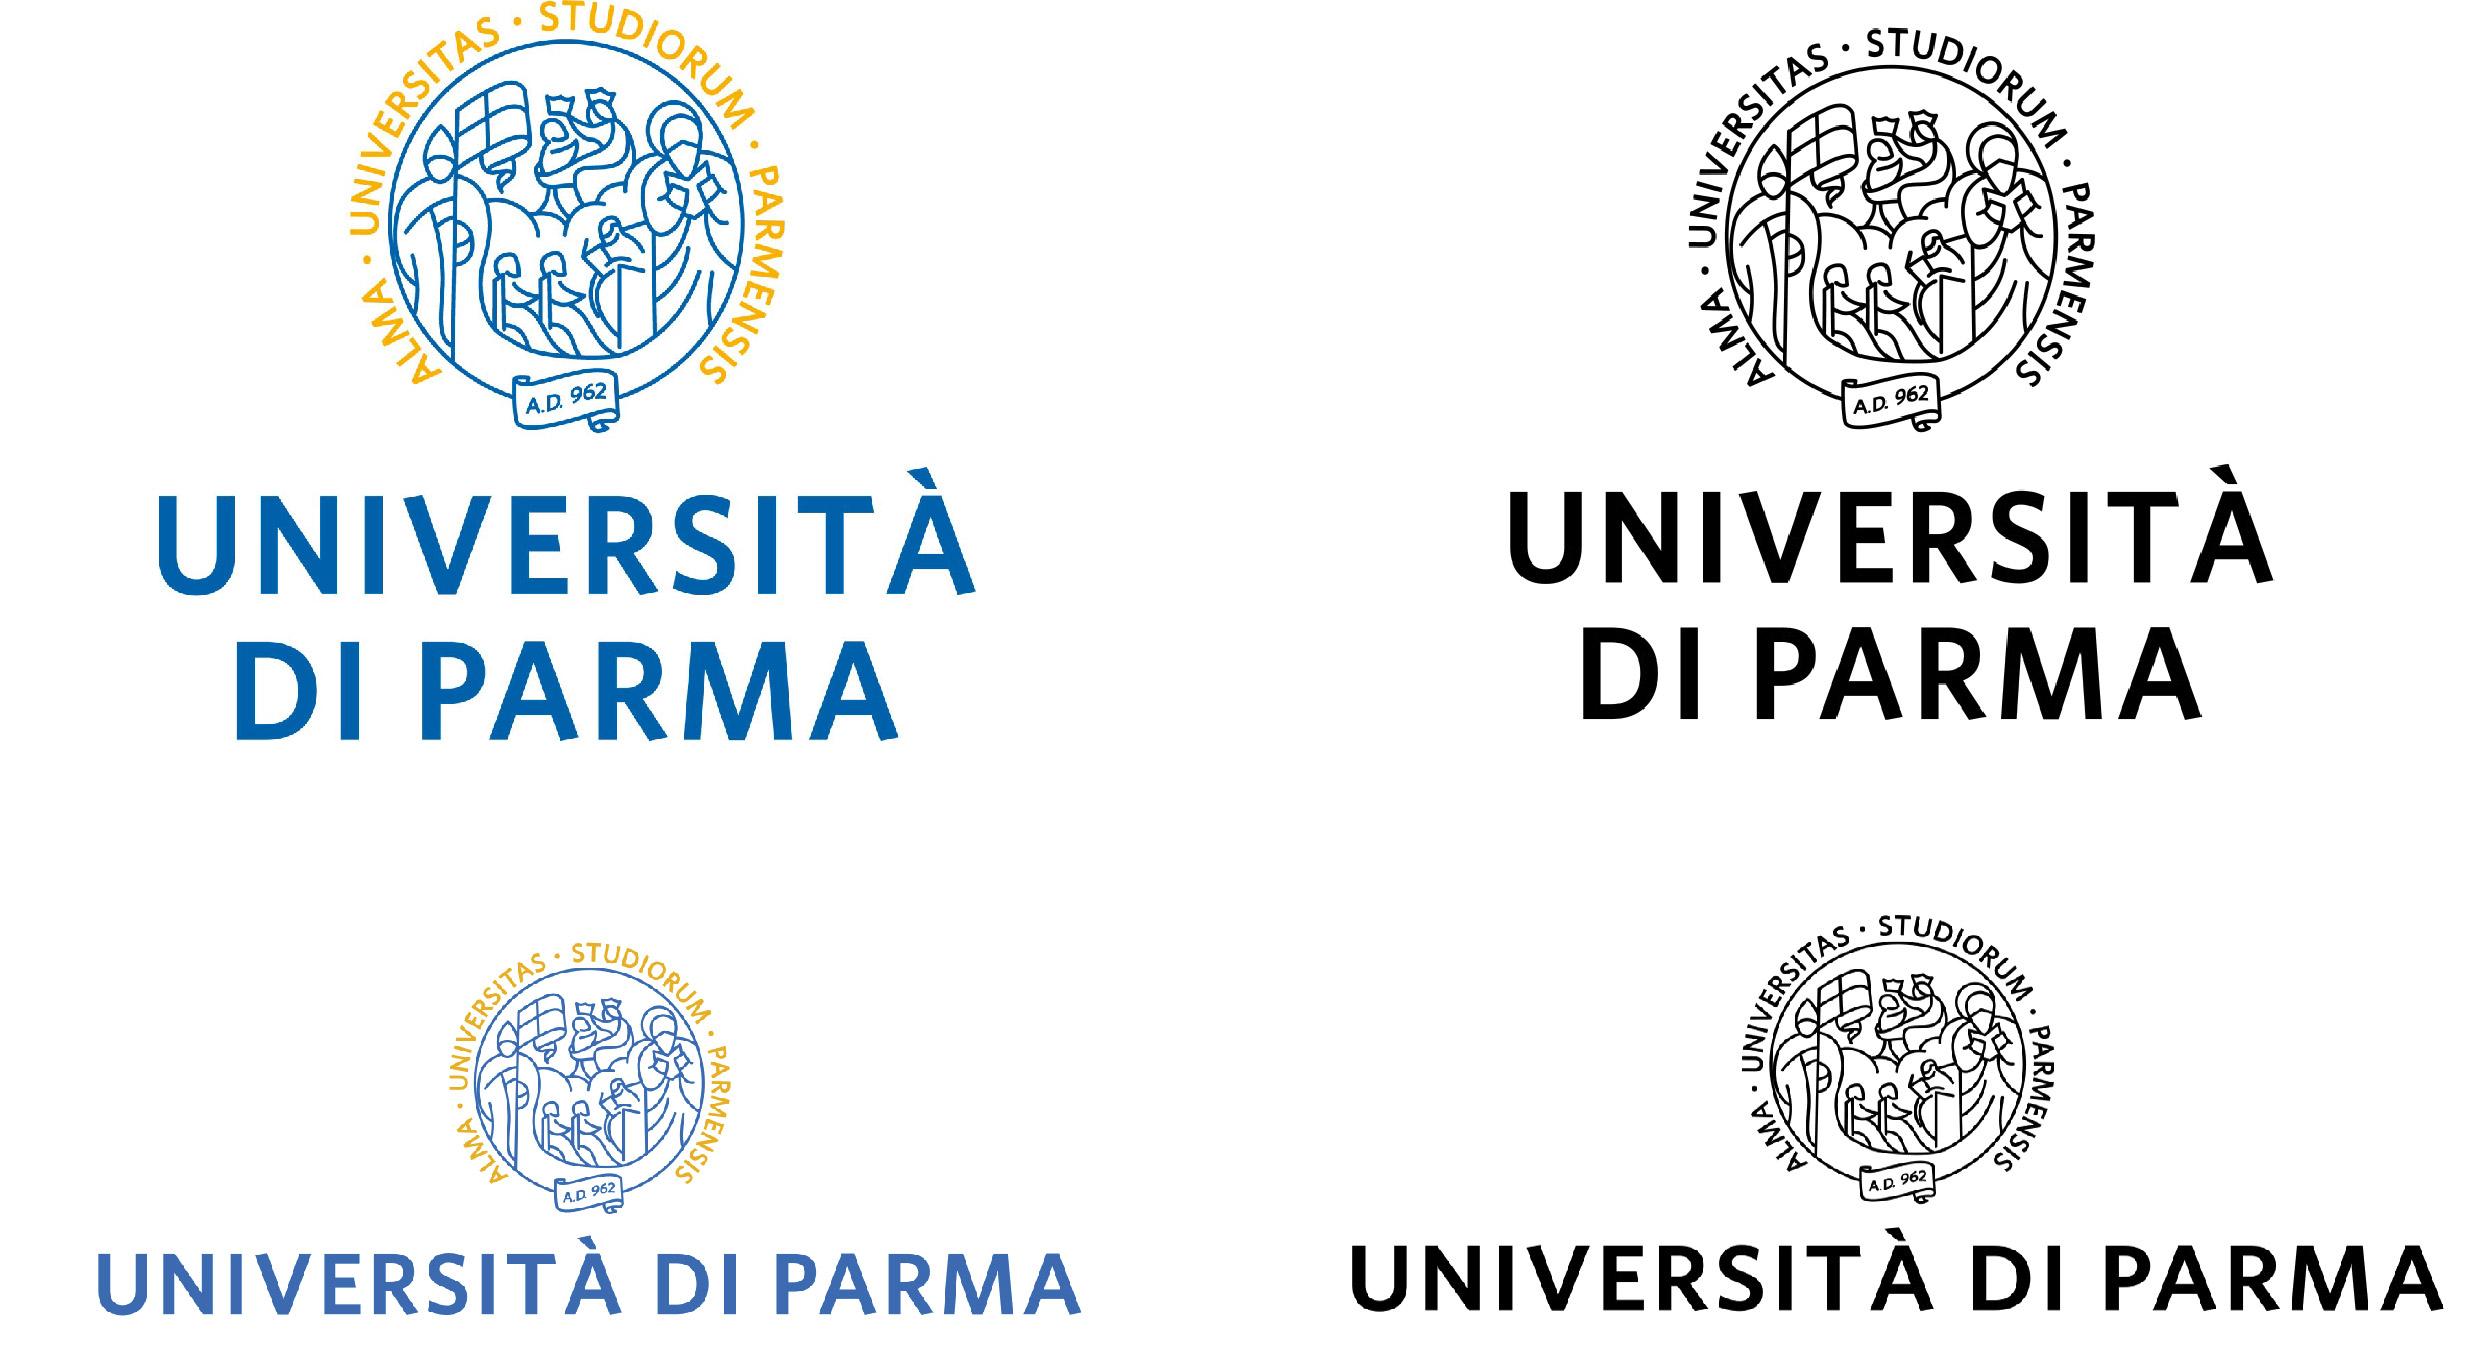 Come utilizzare il logo UNIPR nella tesi di laurea